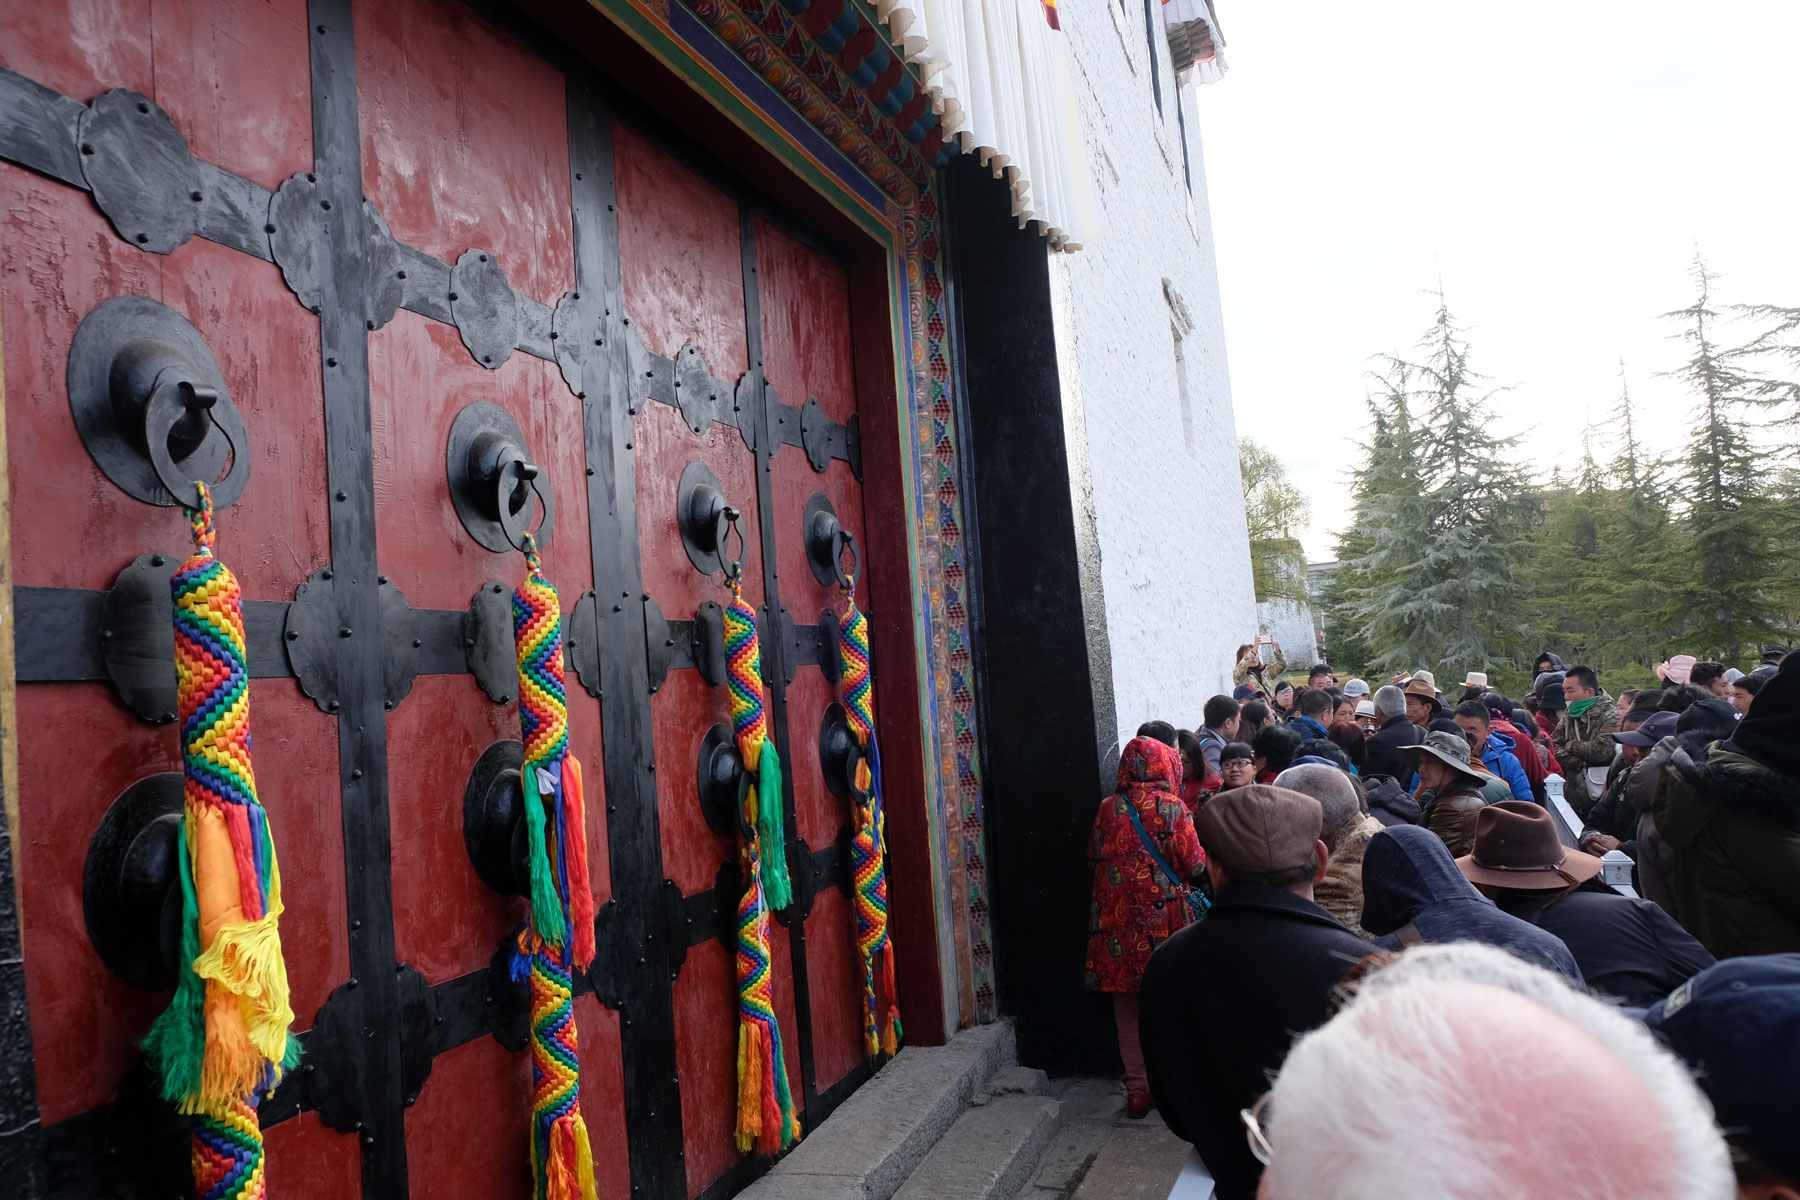 Wartende Menschen stehen vor den Toren des Potala-Palasts in Lhasa in Tibet.